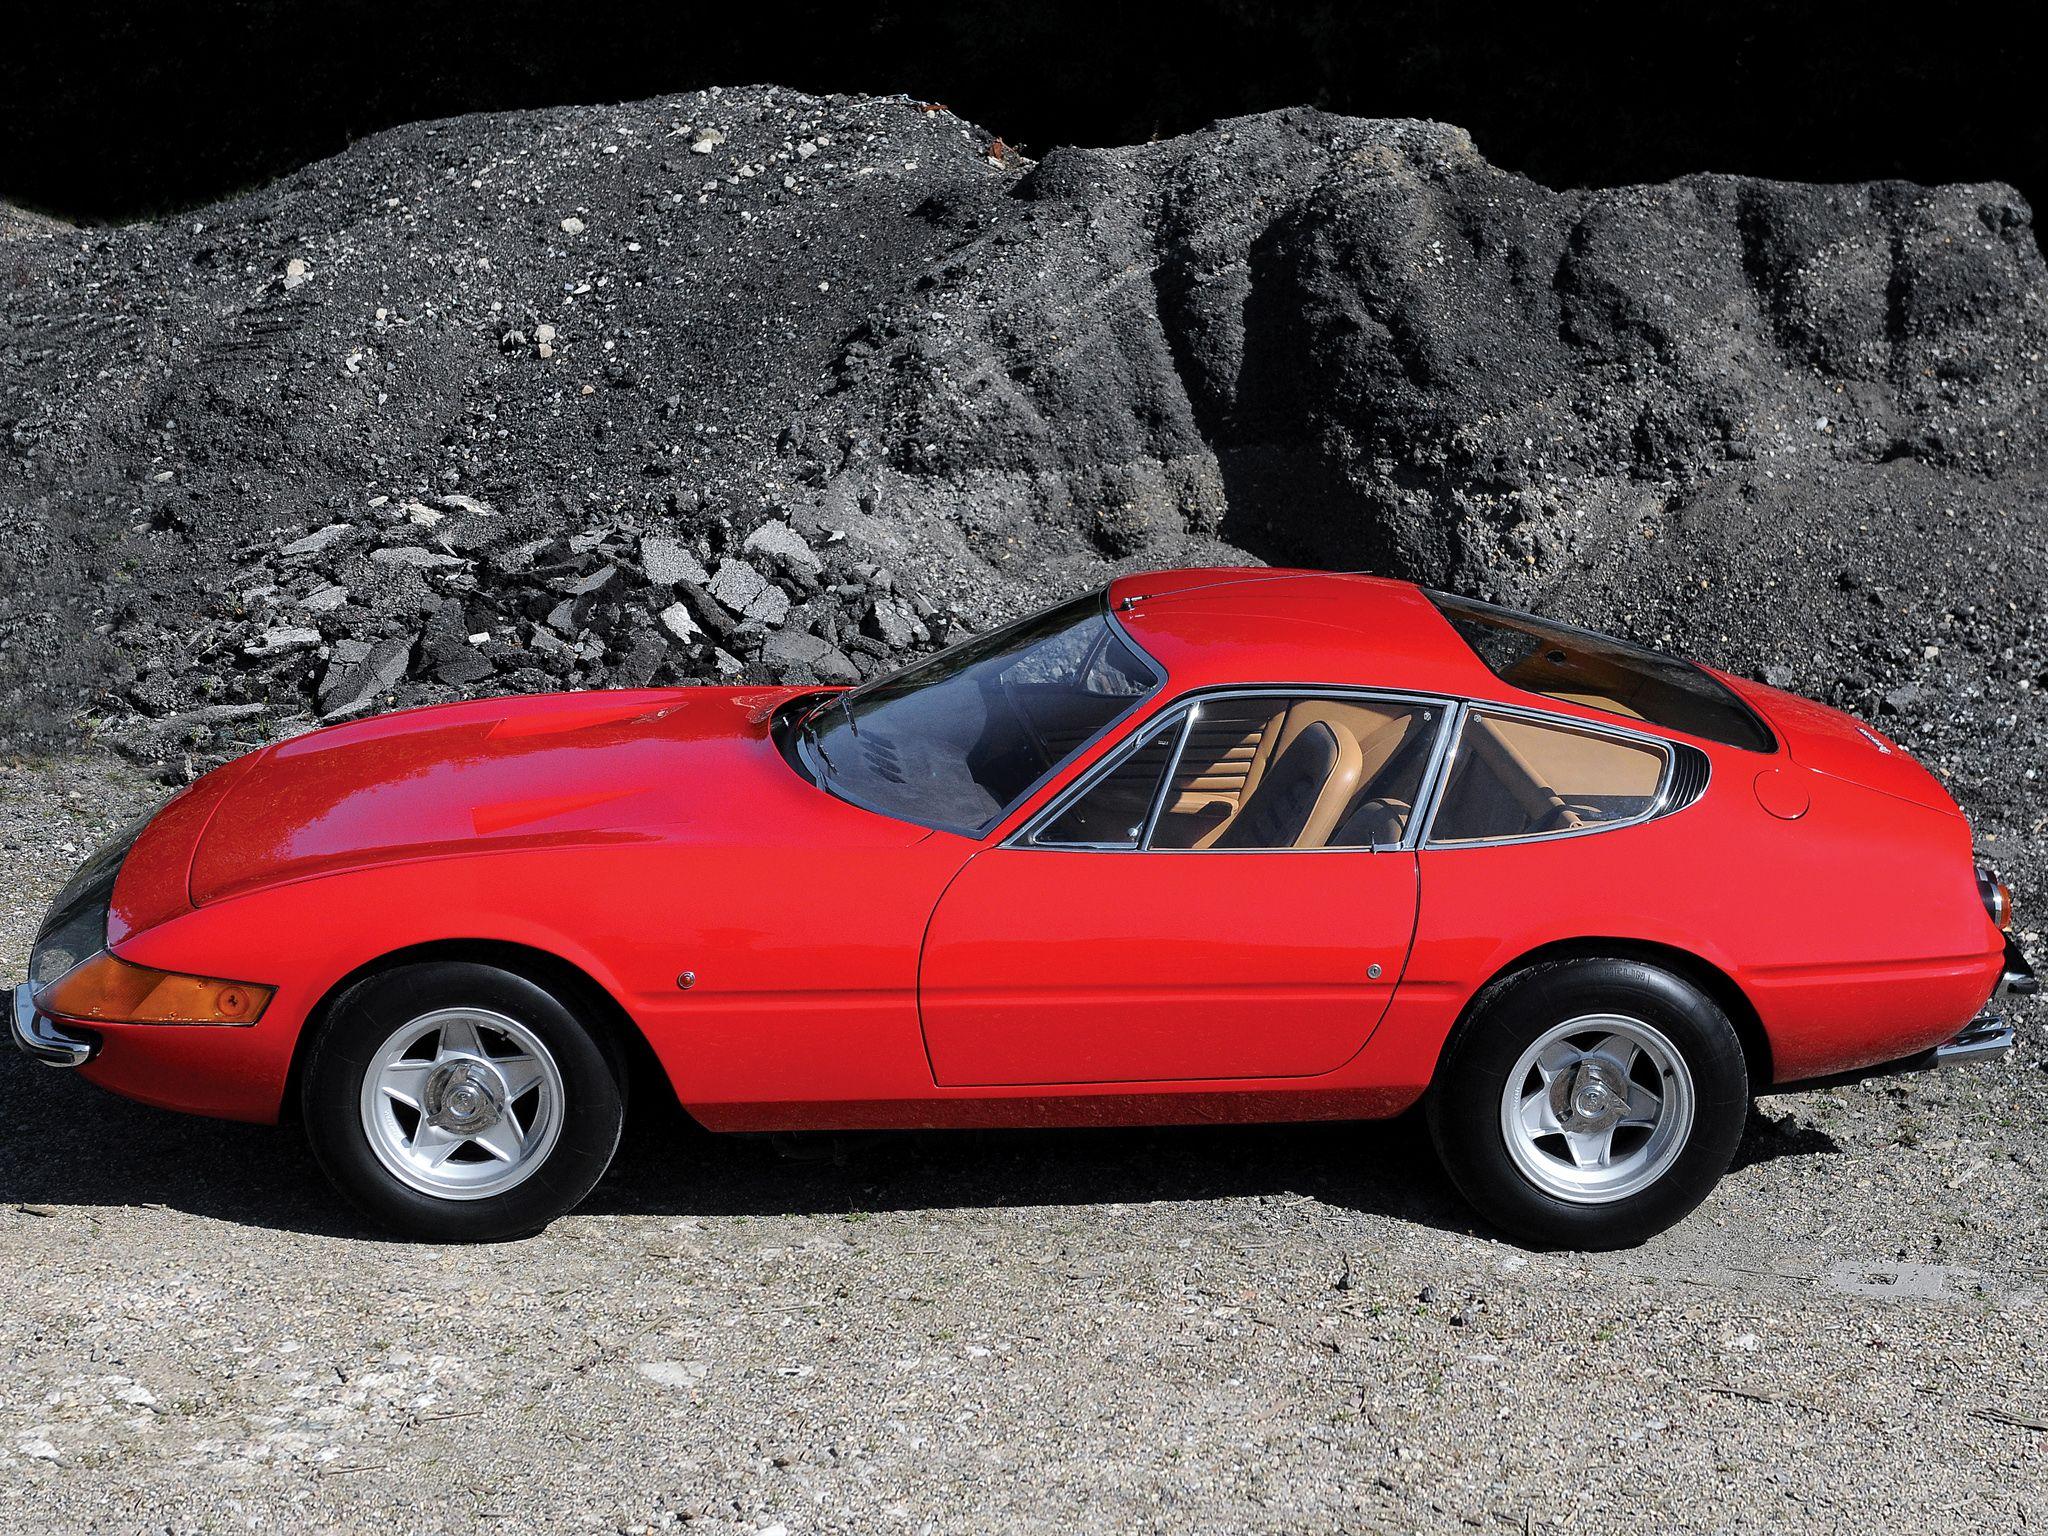 Ferrari 365 gtb 4 daytona uk spec 1968 71